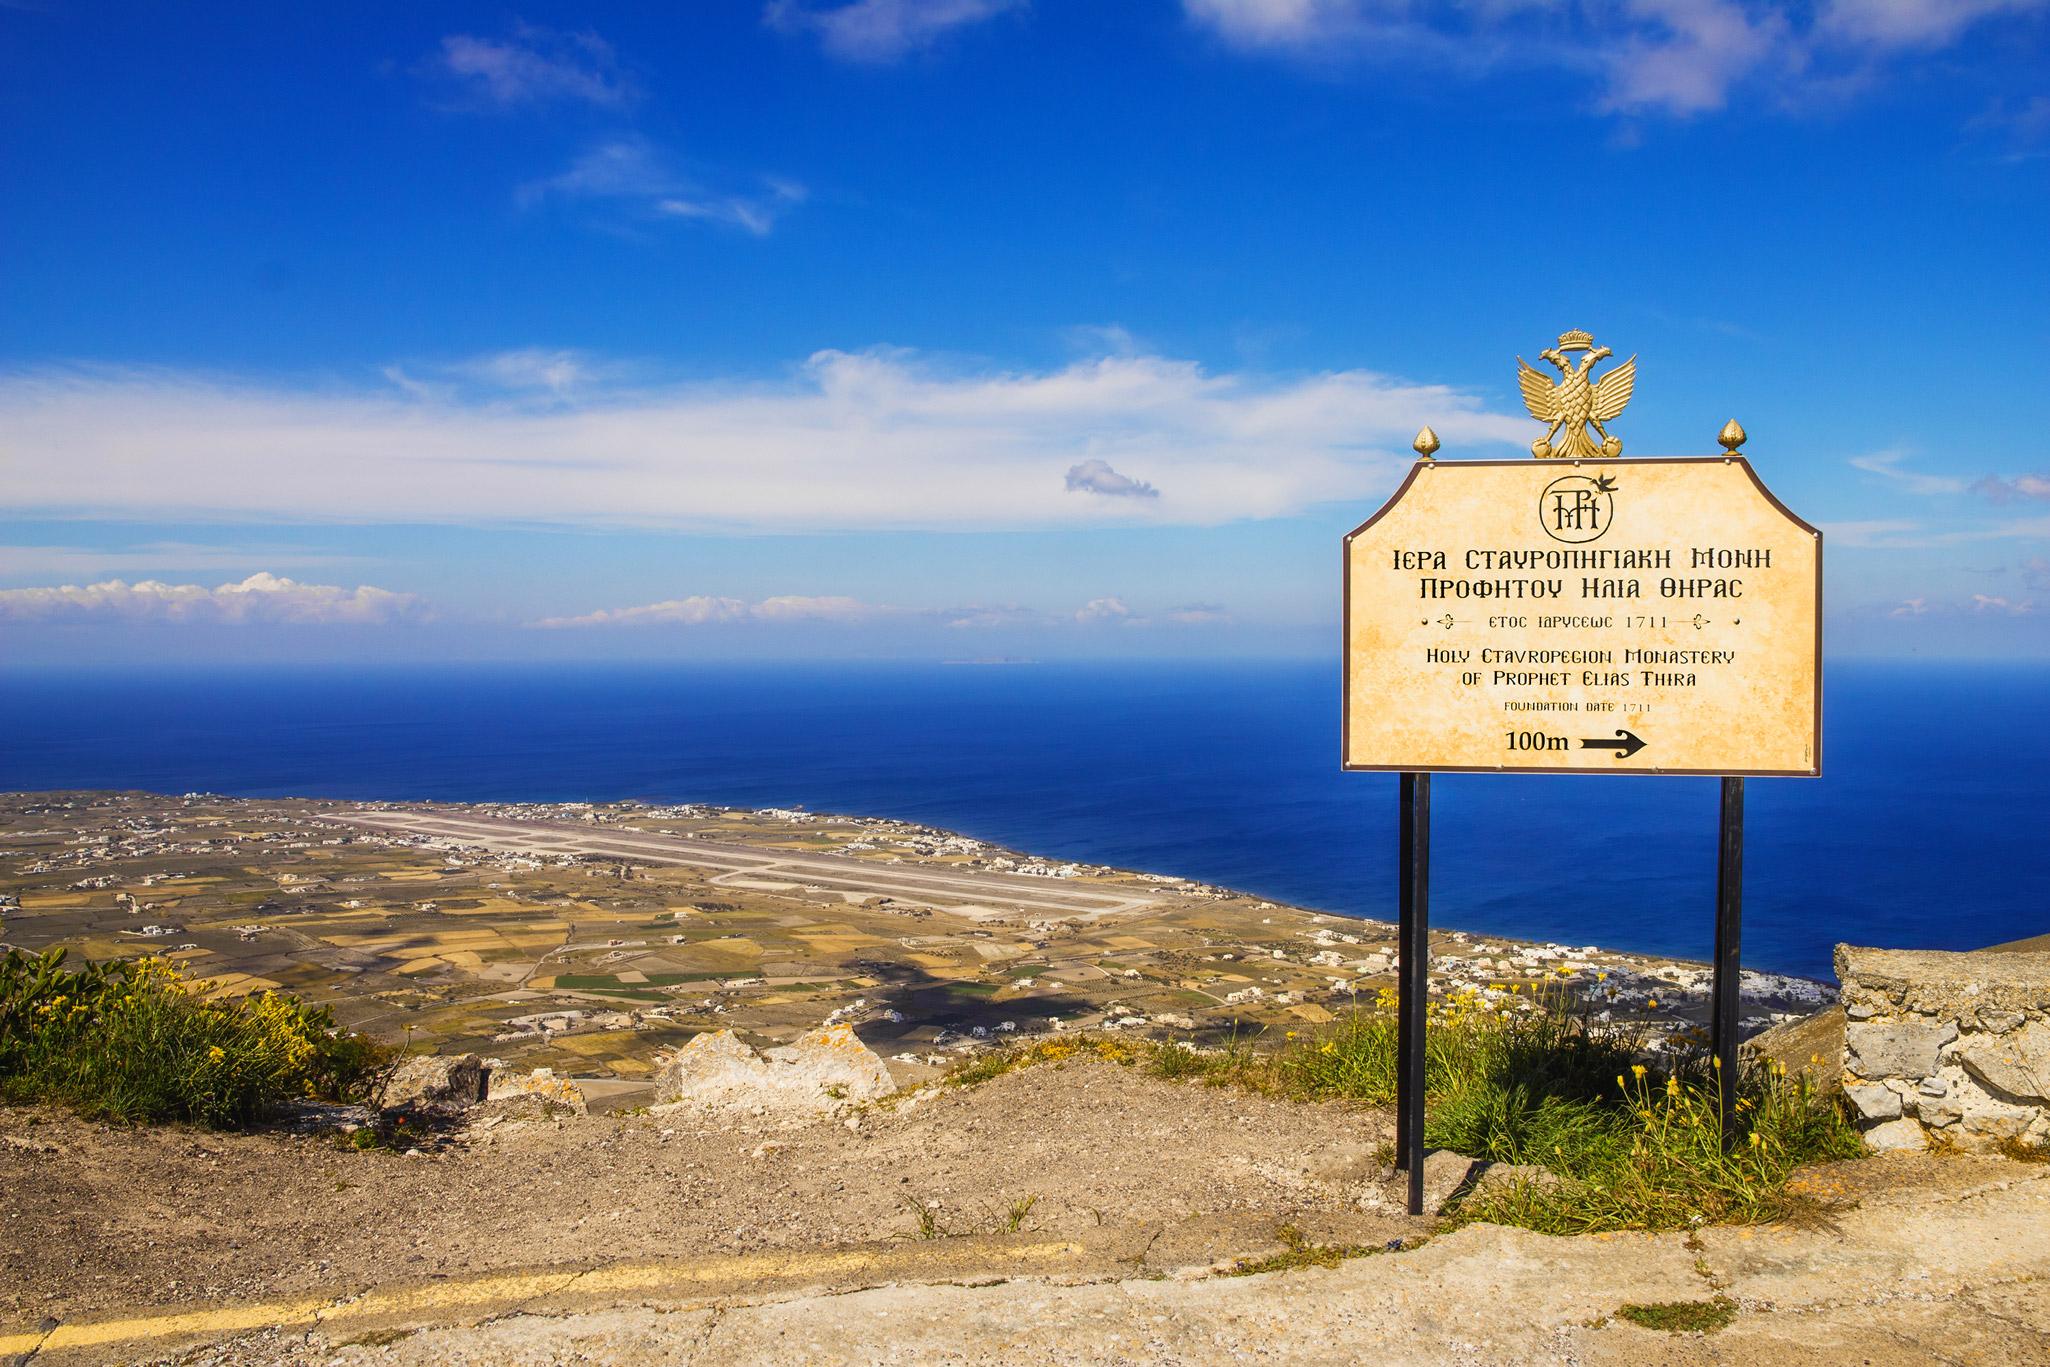 Profitis Ilias Mountain - Santorini, Greece